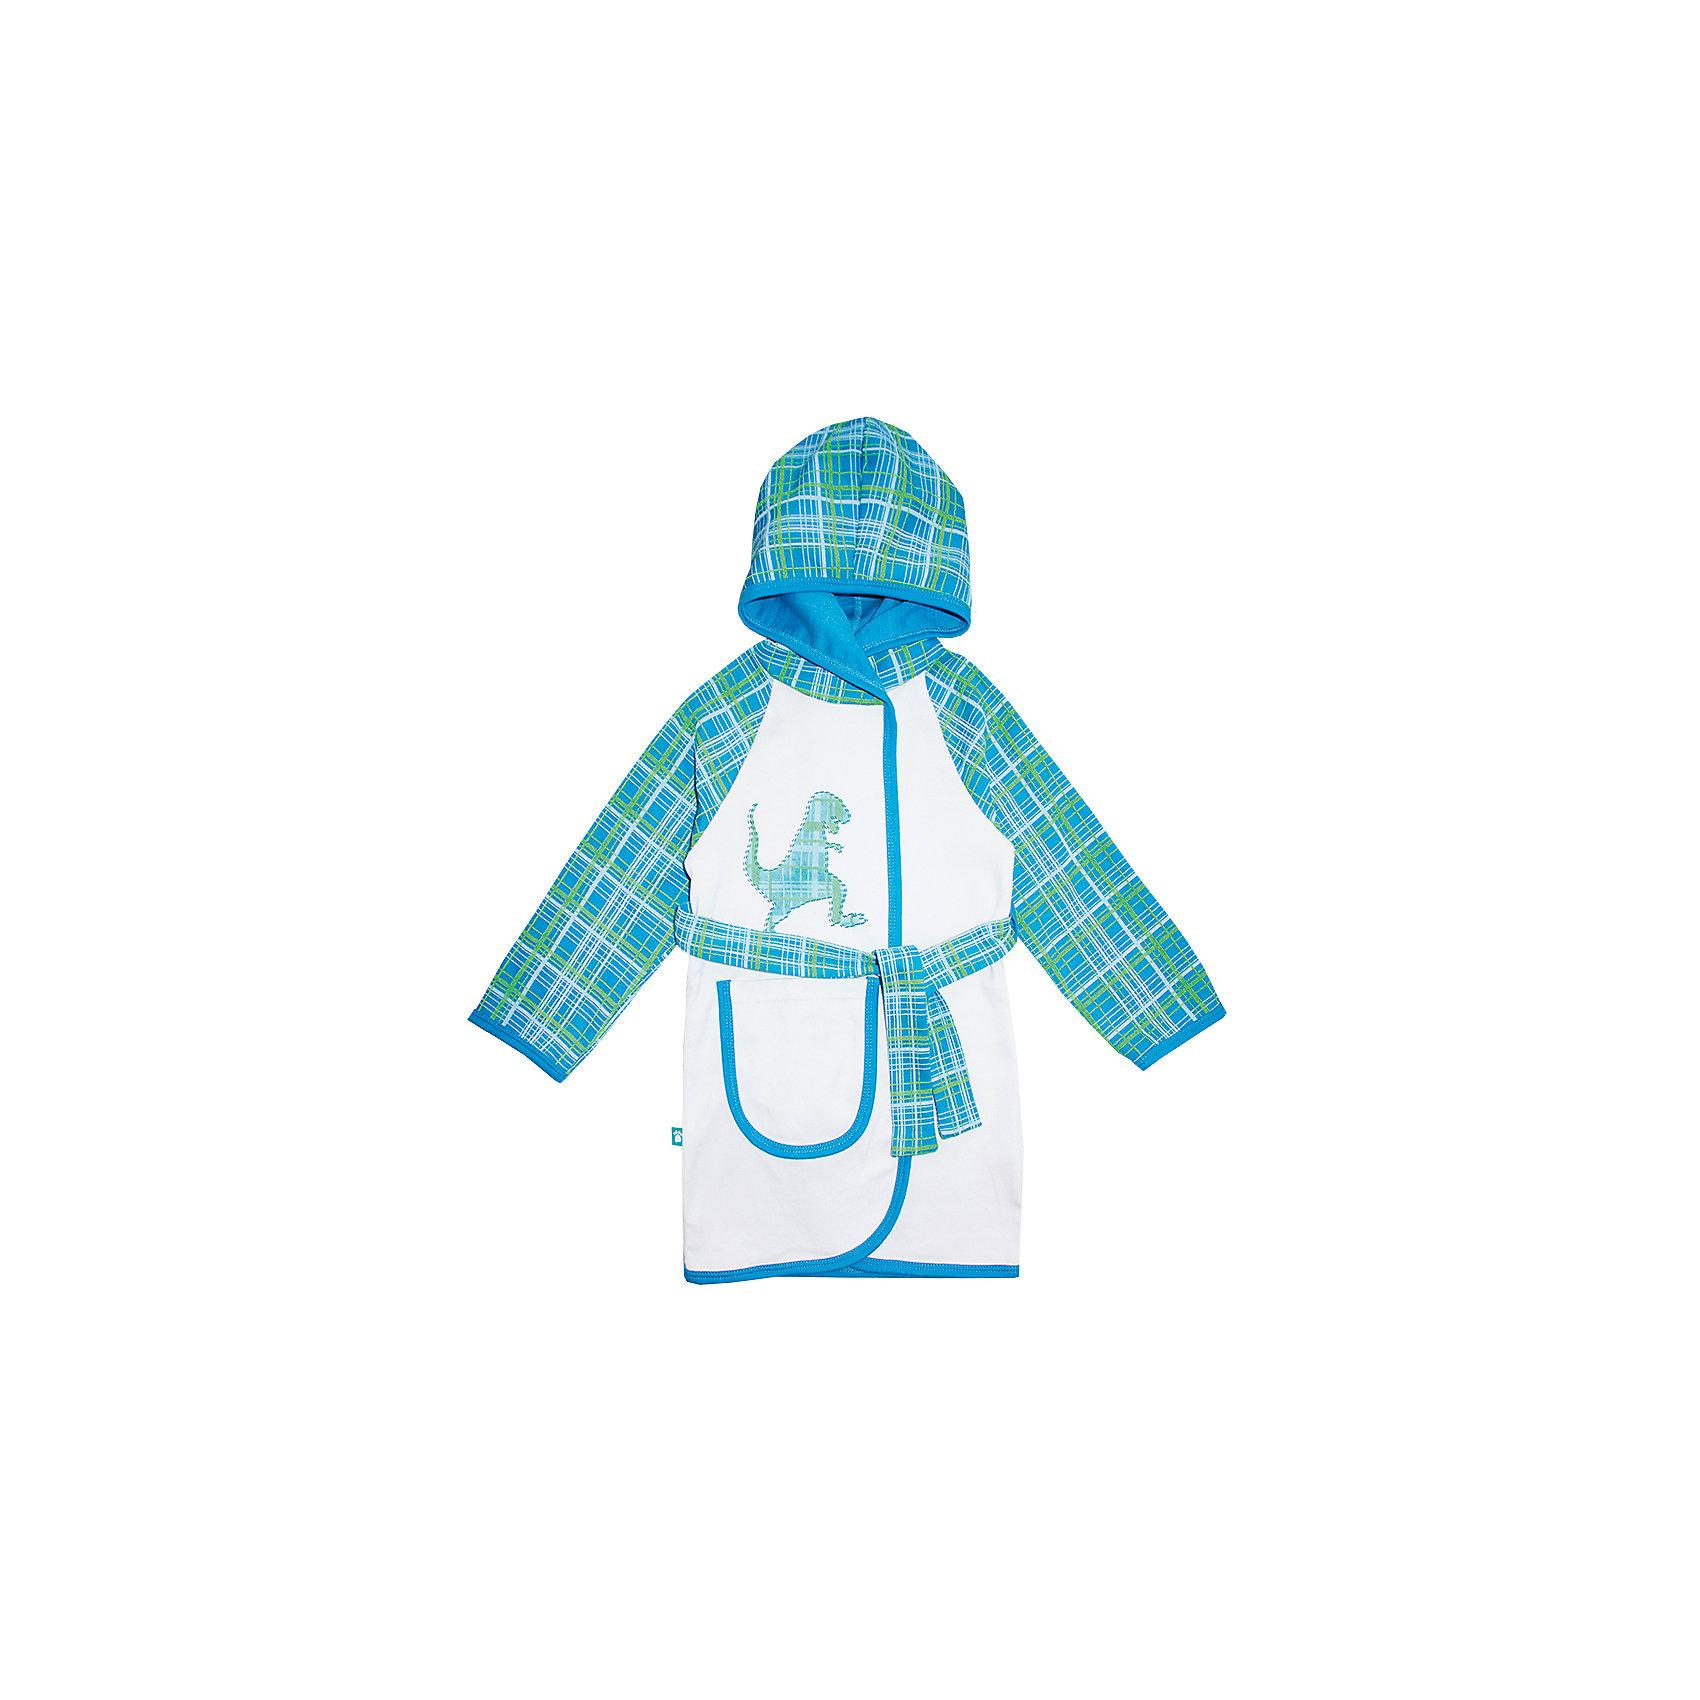 Халат для мальчика КотМарКотХалаты<br>Халат для мальчика от известного бренда КотМарКот<br>Состав:<br>100% хлопок<br><br>Ширина мм: 143<br>Глубина мм: 20<br>Высота мм: 234<br>Вес г: 253<br>Цвет: синий<br>Возраст от месяцев: 18<br>Возраст до месяцев: 24<br>Пол: Мужской<br>Возраст: Детский<br>Размер: 128,92,134,98,104,110,116,122<br>SKU: 4873270